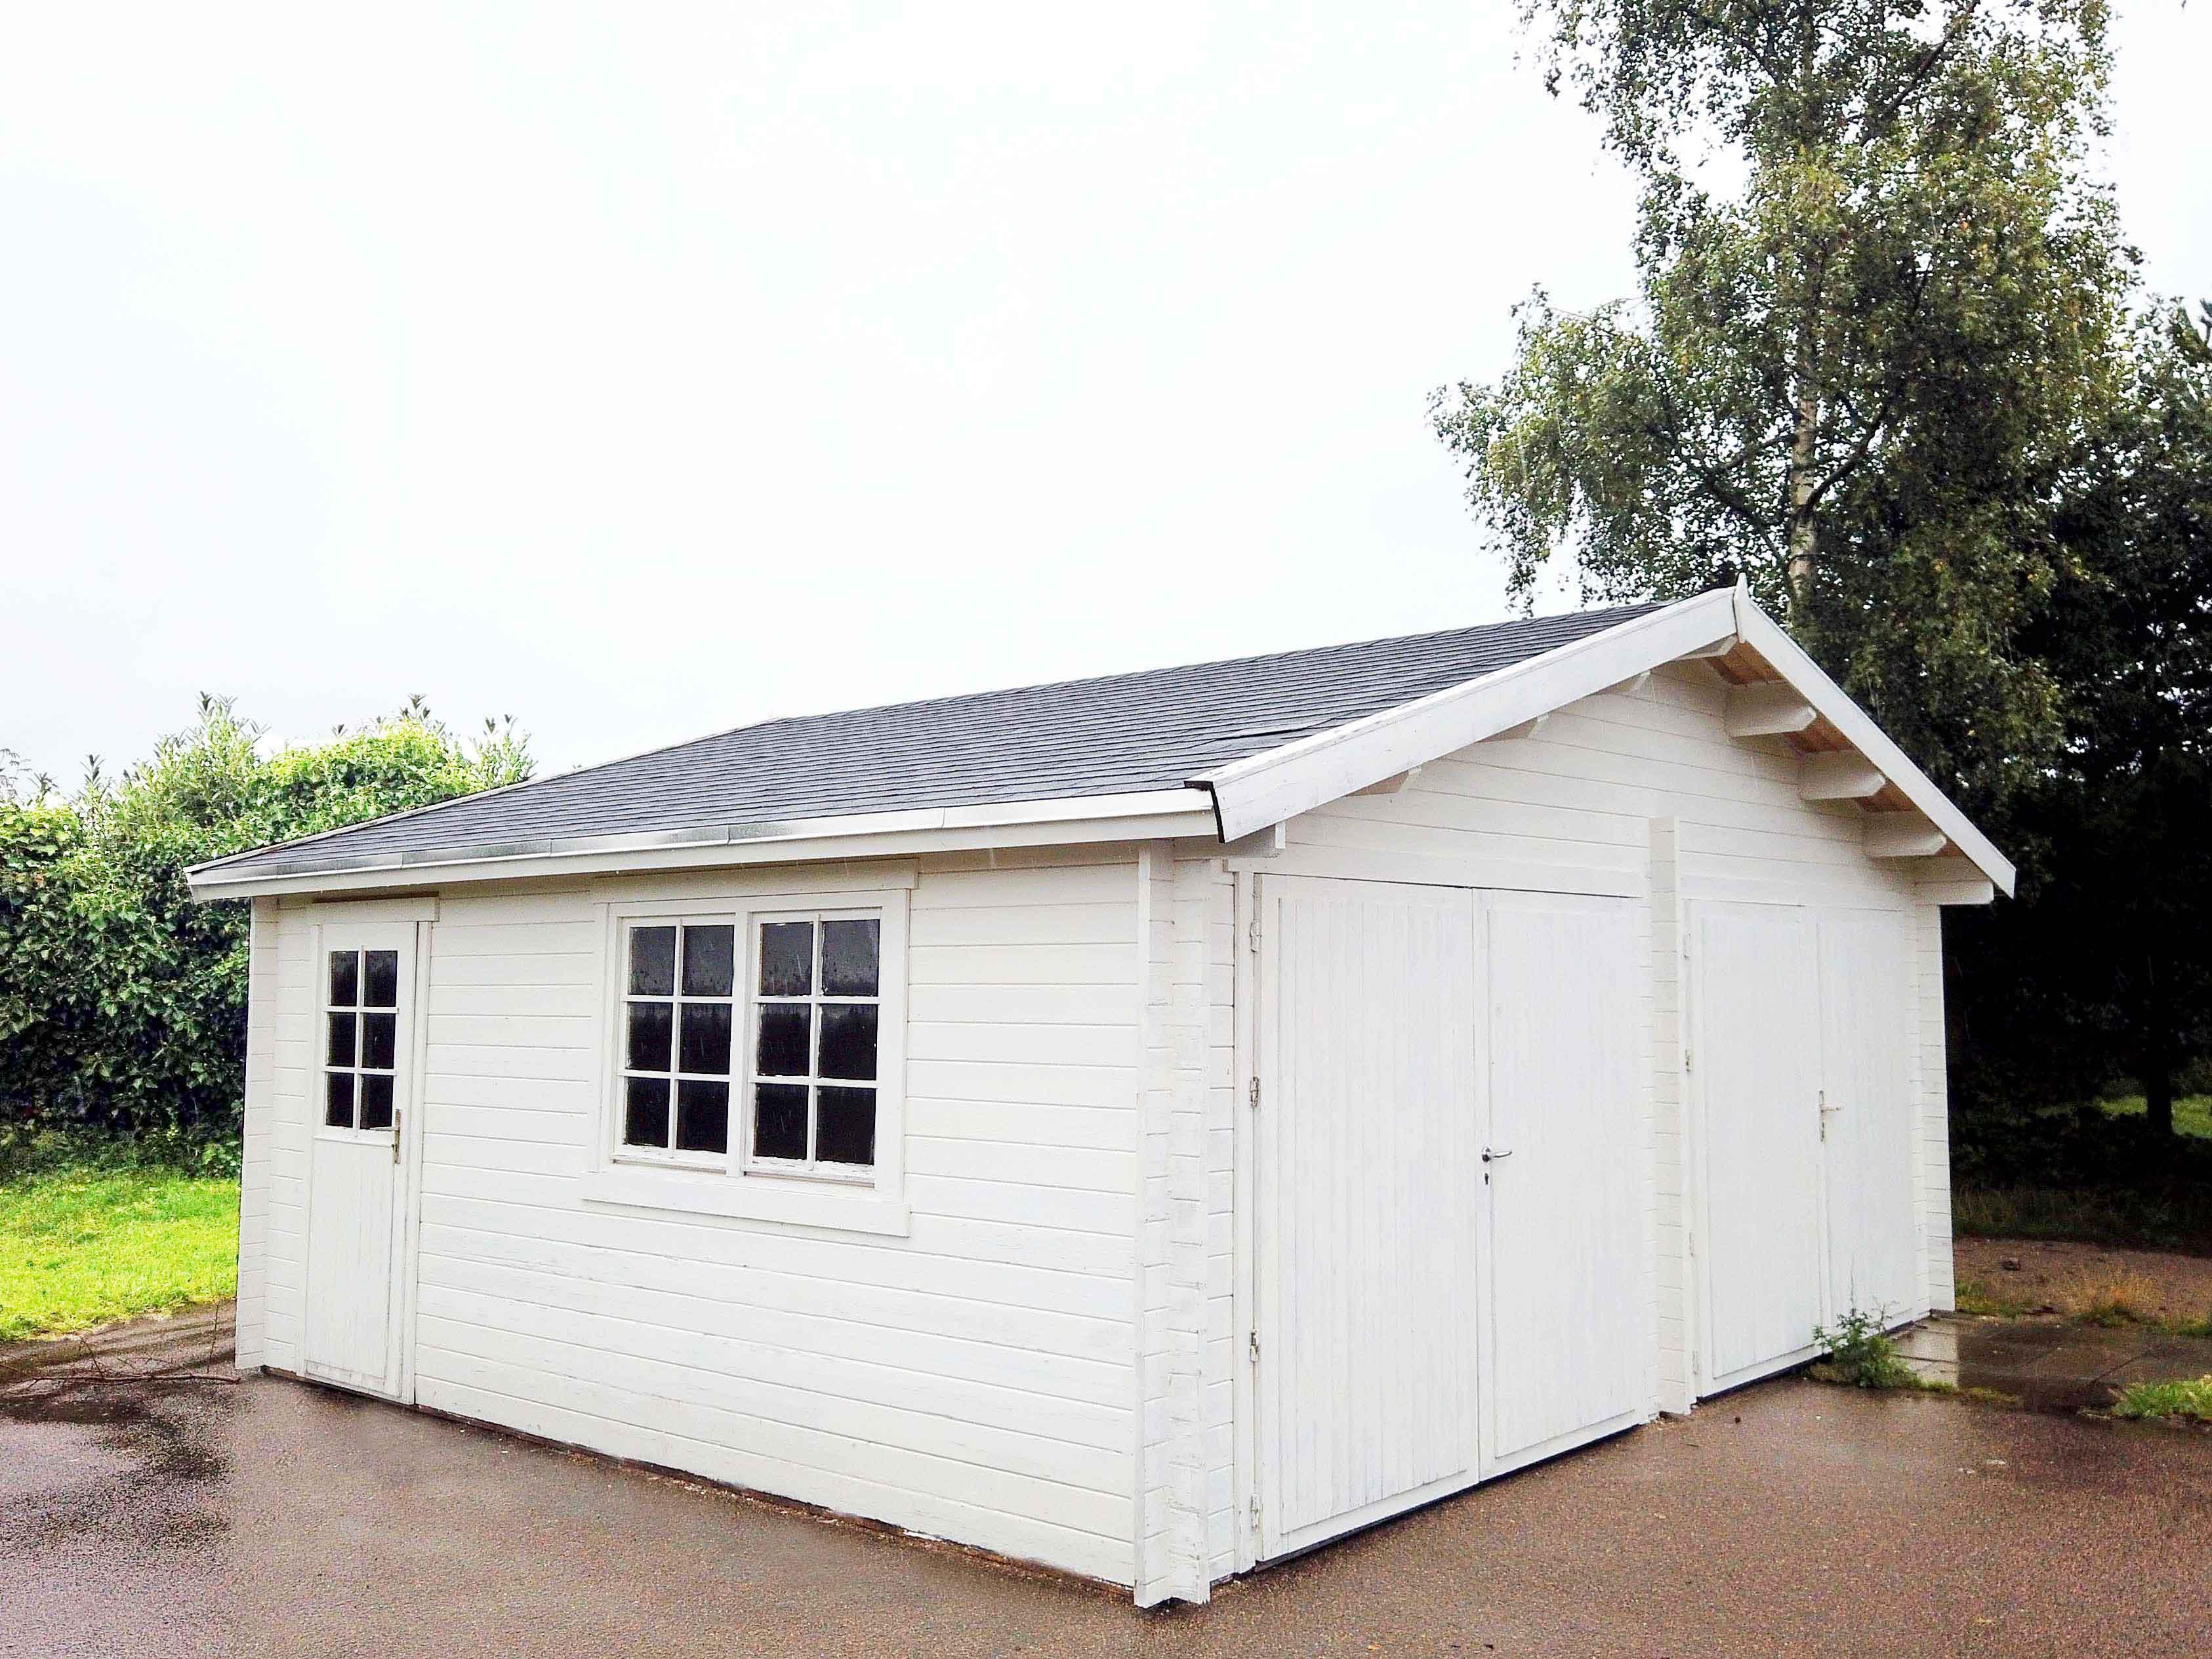 garage dobbel fra sølundhuse.dk indsendt af kunde